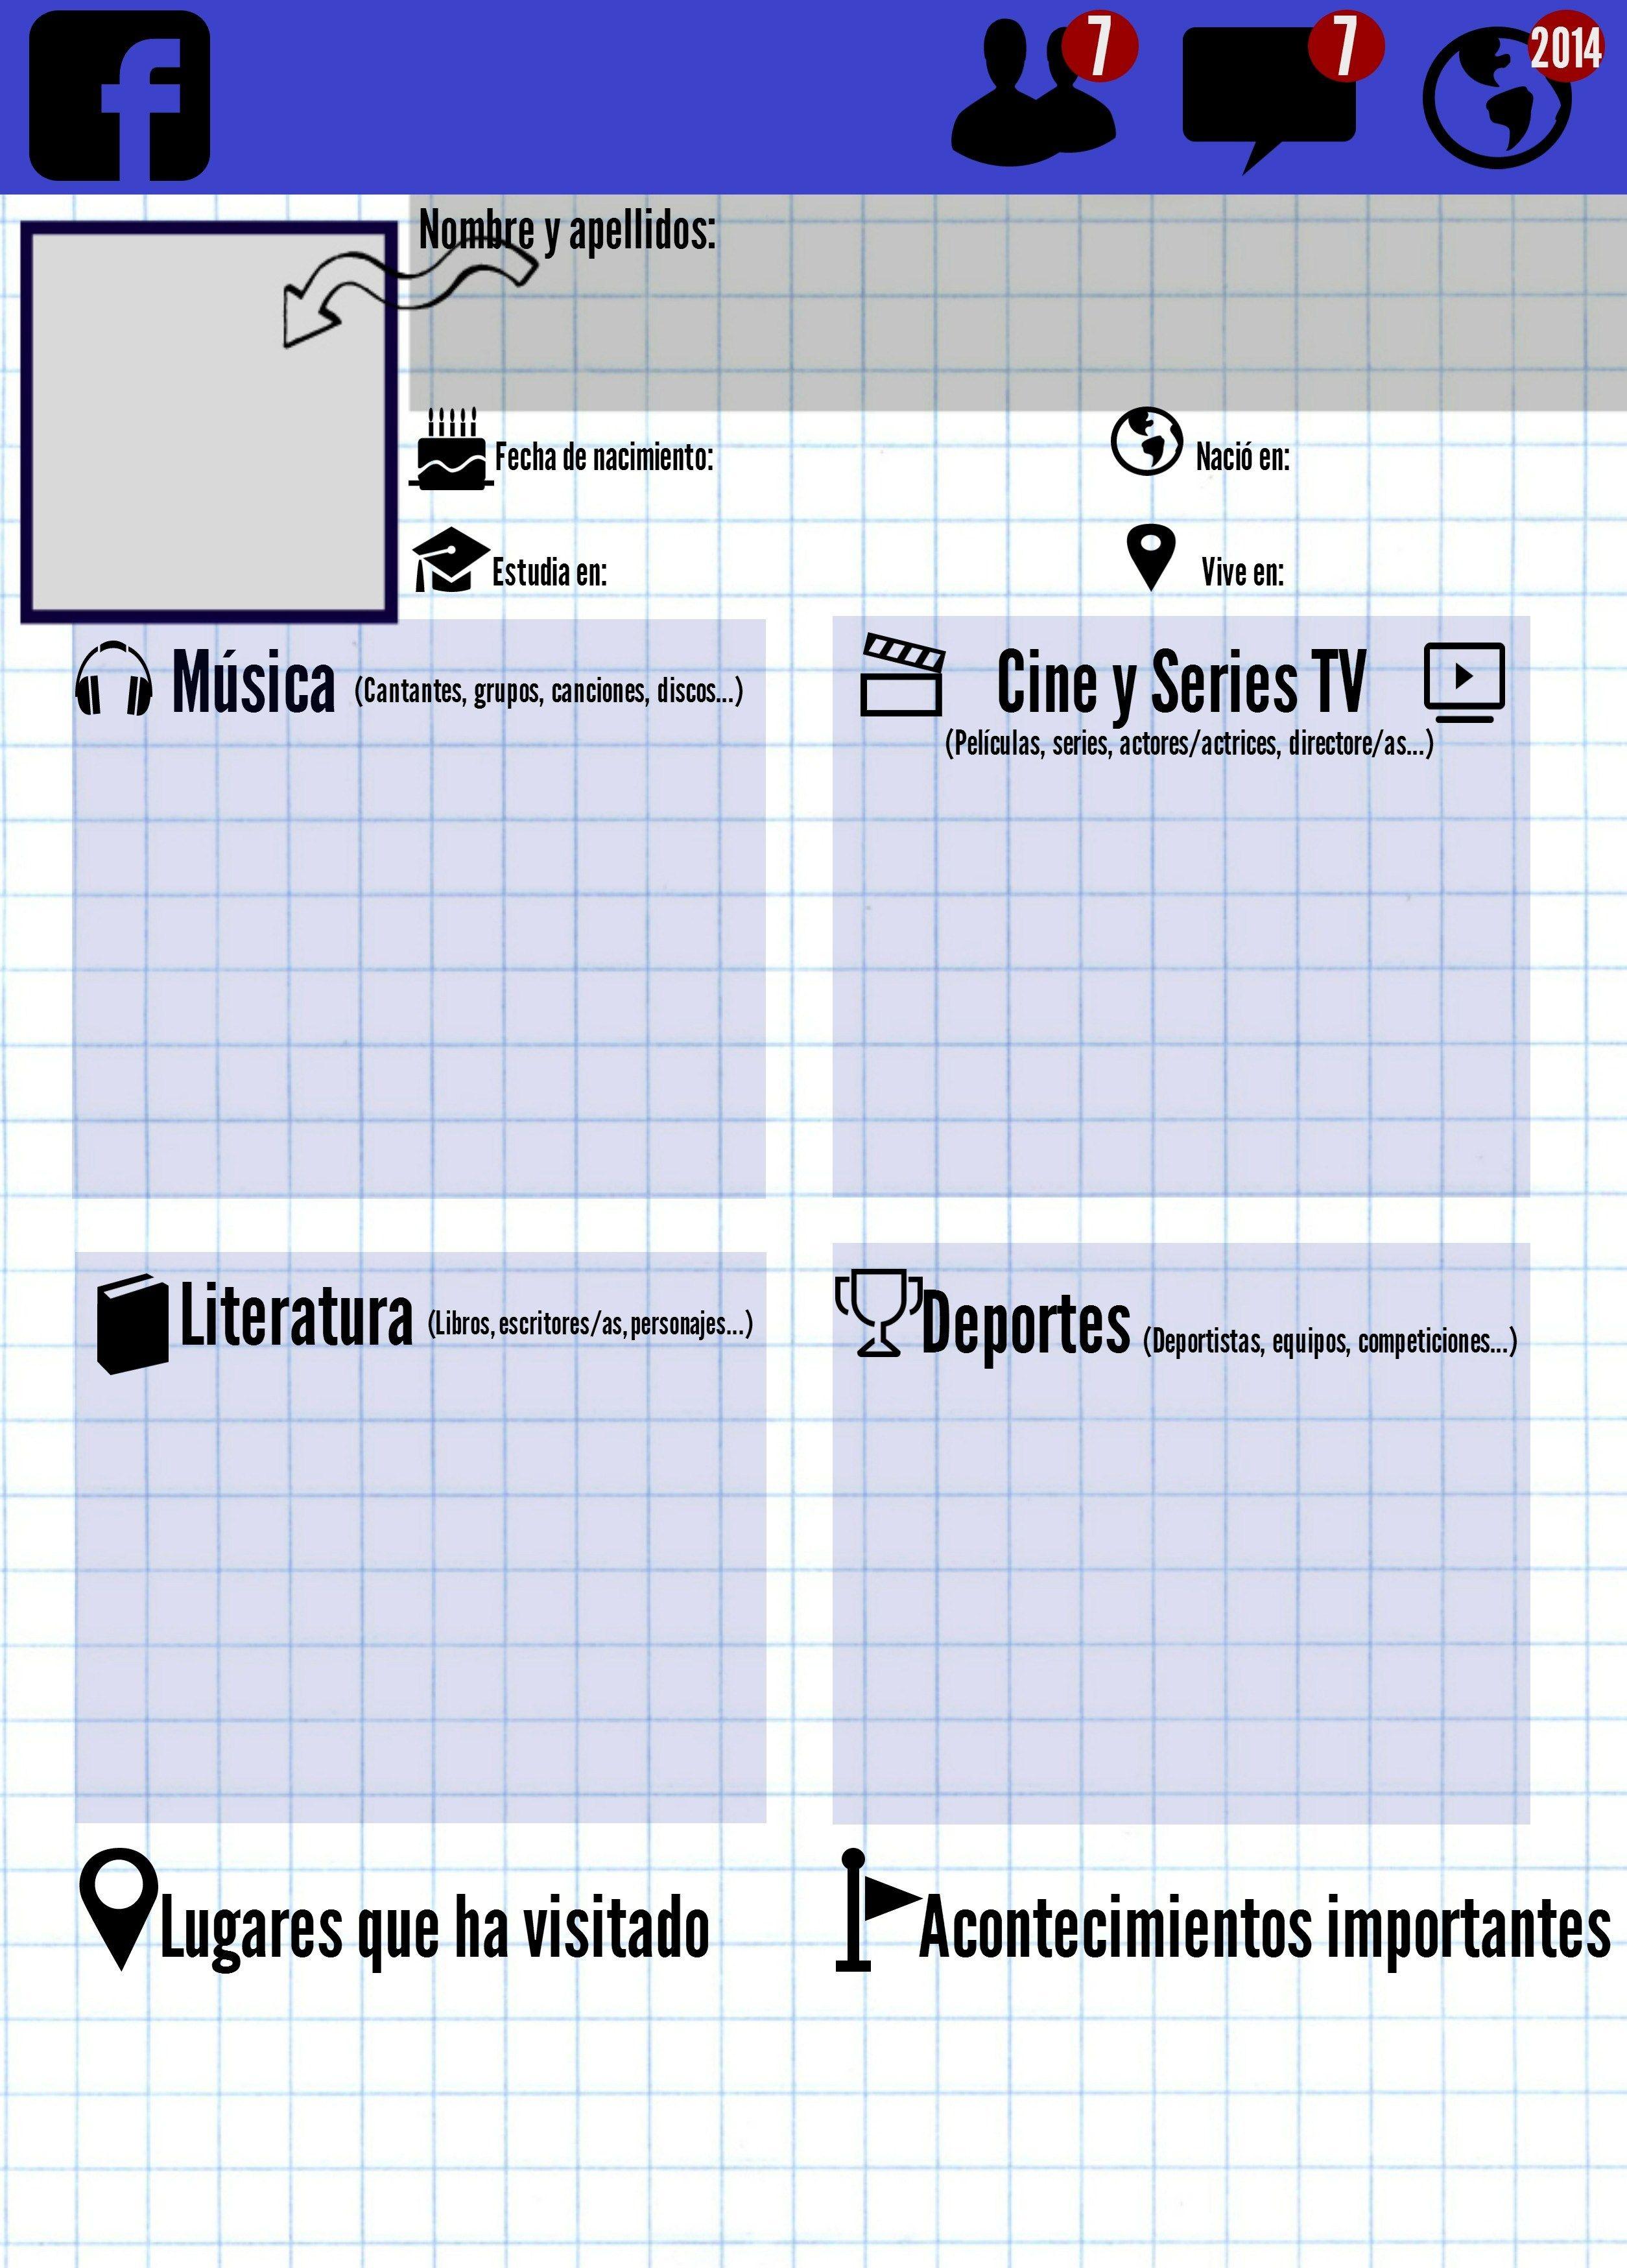 Ficha Que Simula Un Muro De Facebook Para El Primer Dia De Clase Y Para Alumnos A Partir De 14